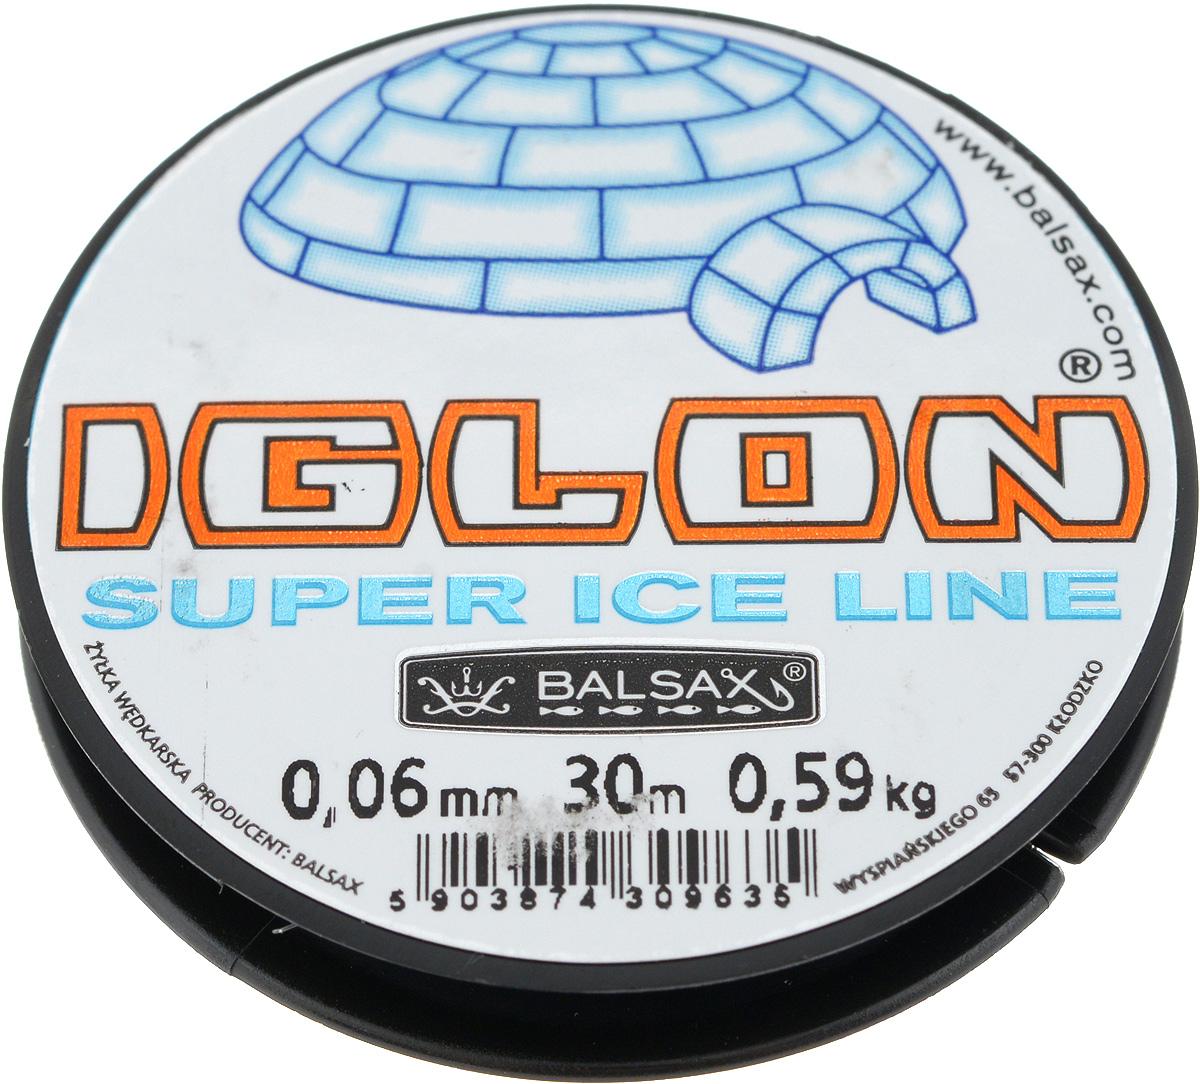 Леска зимняя Balsax Iglon, 30 м, 0,06 мм, 0,59 кгMABLSEH10001Леска Balsax Iglon изготовлена из 100% нейлона и очень хорошо выдерживает низкие температуры. Даже в самом холодном климате, при температуре вплоть до -40°C, она сохраняет свои свойства практически без изменений, в то время как традиционные лески становятся менее эластичными и теряют прочность.Поверхность лески обработана таким образом, что она не обмерзает и отлично подходит для подледного лова. Прочна в местах вязки узлов даже при минимальном диаметре.